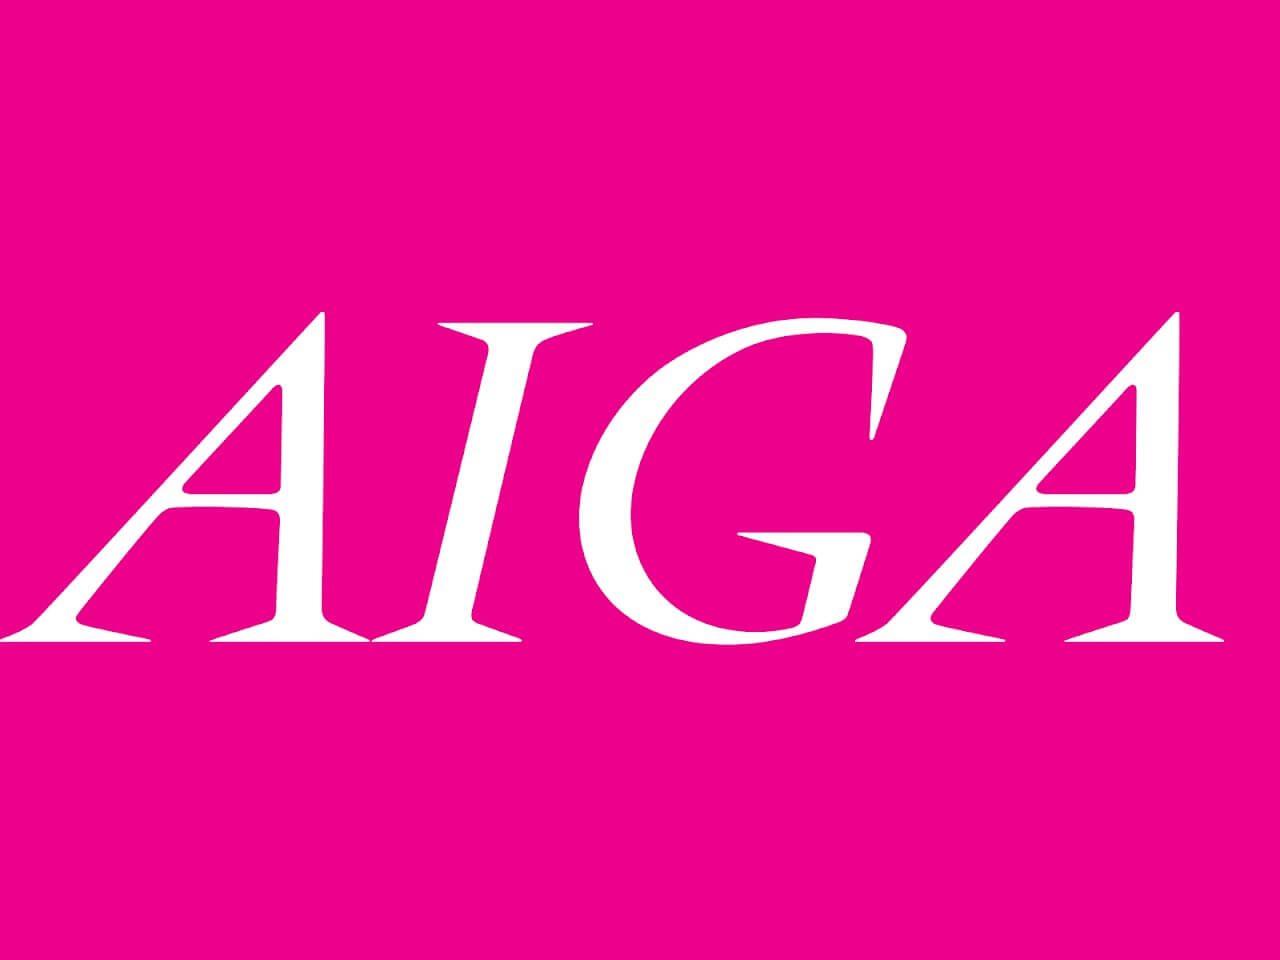 AIGA Design